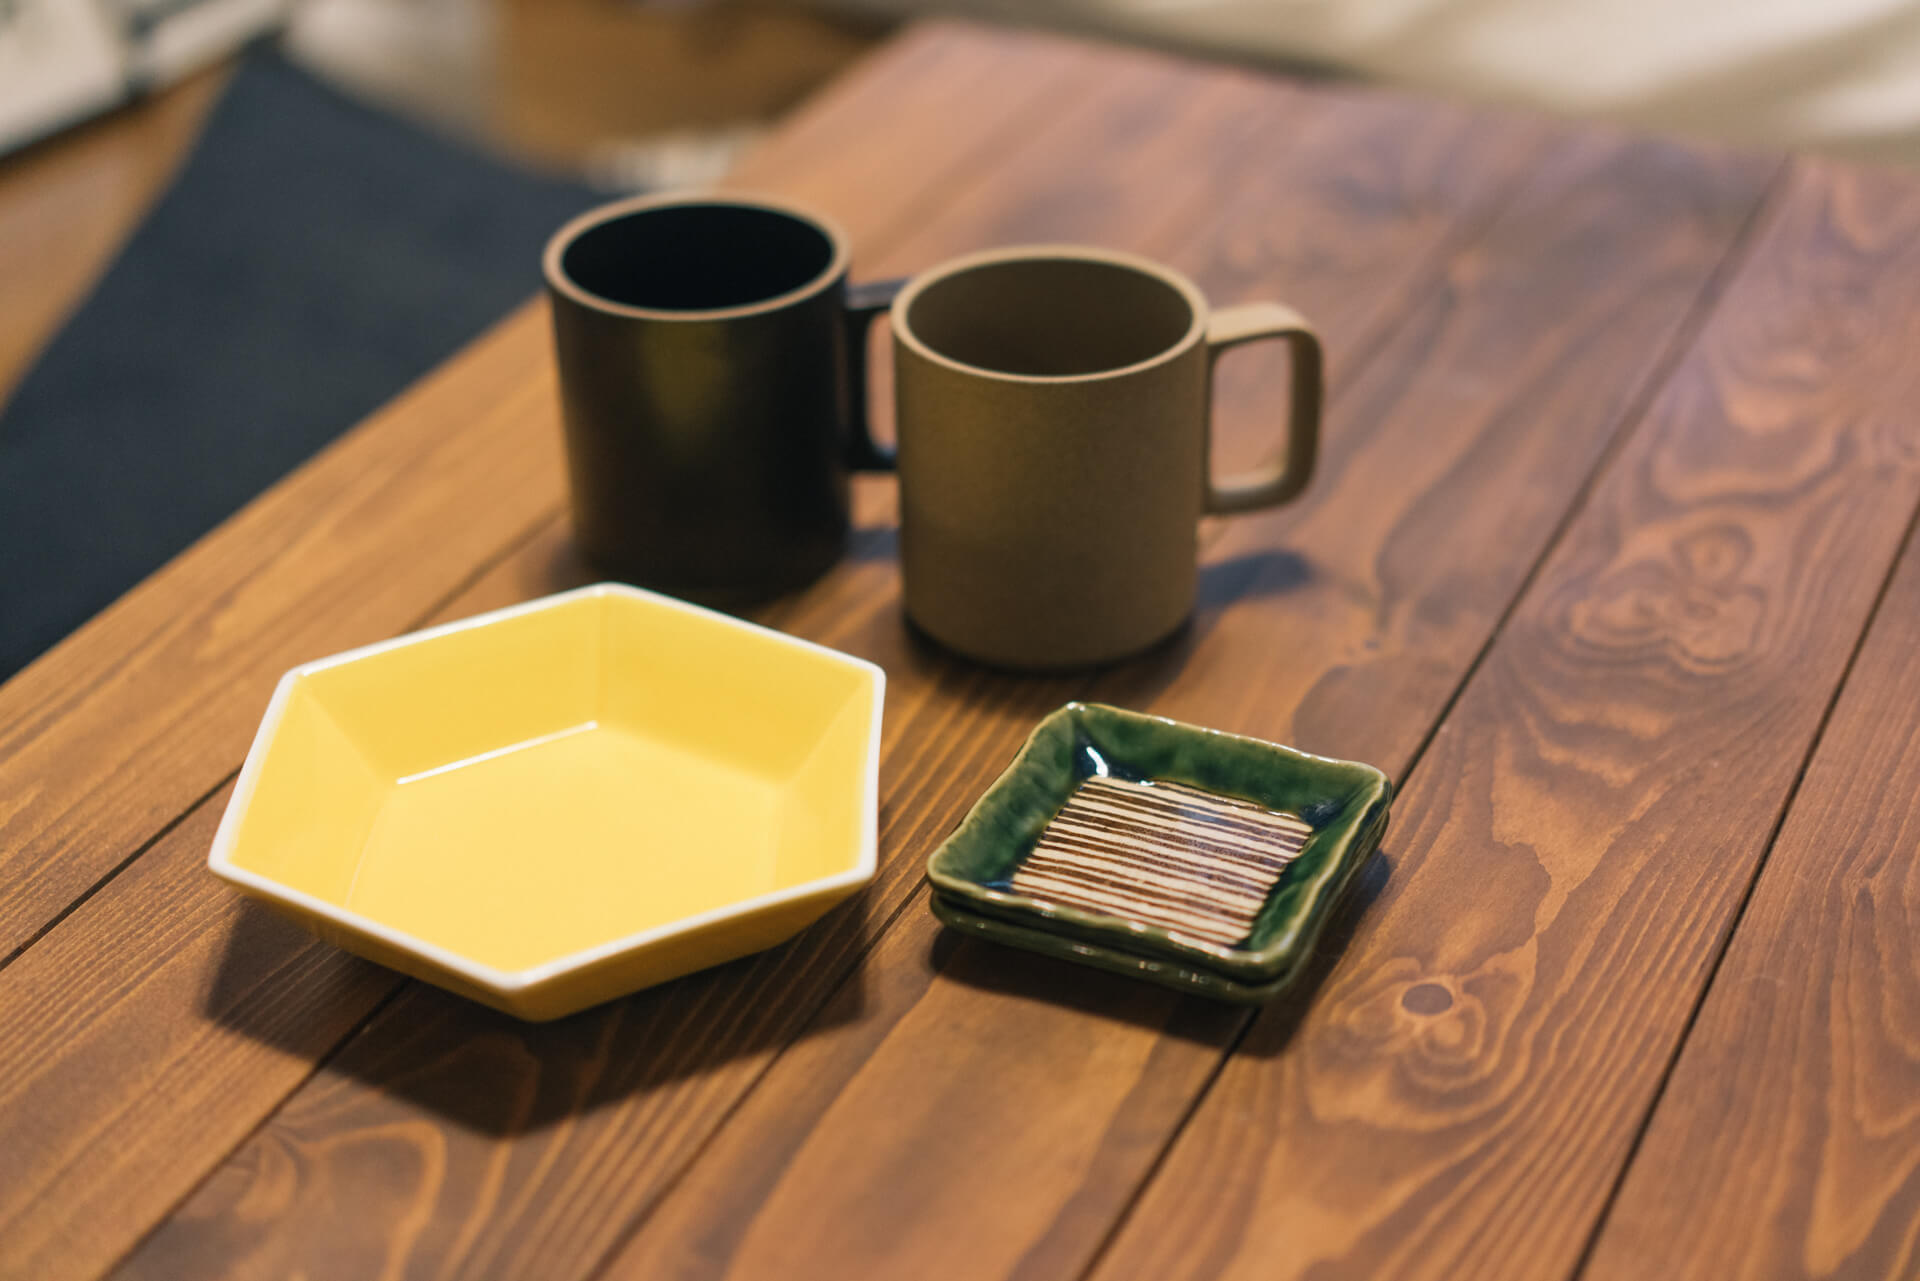 お気に入りの器も見せてもらいました。もらいものの豆皿と、HASAMIのマグカップ。そしてIKEAのお皿。自宅でカフェみたいに楽しめそうです。